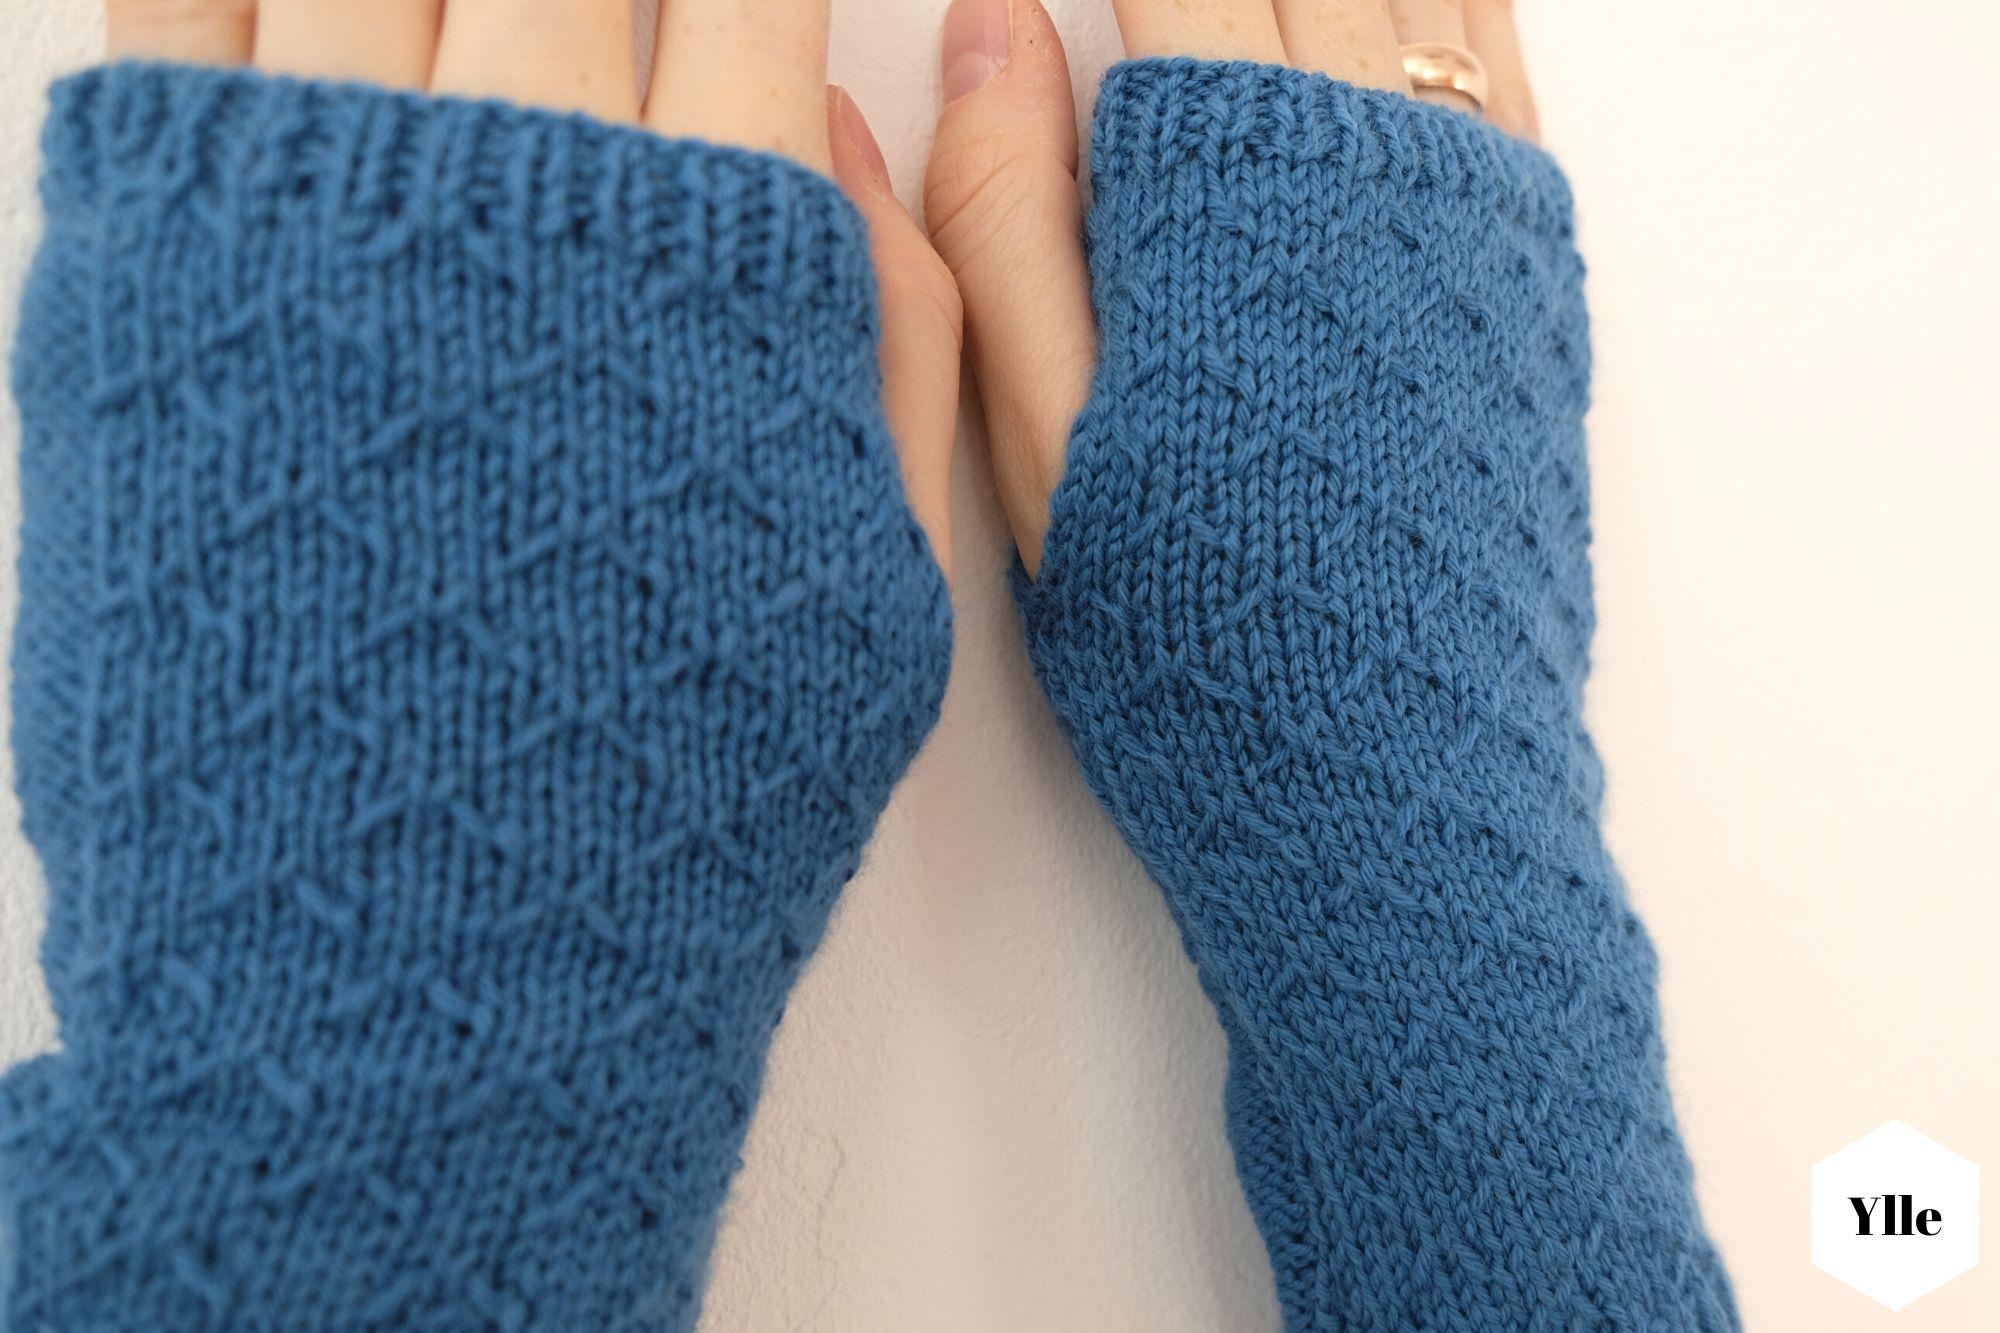 In der Regel liegen Armstulpen eng an und bedecken die Handknöchel